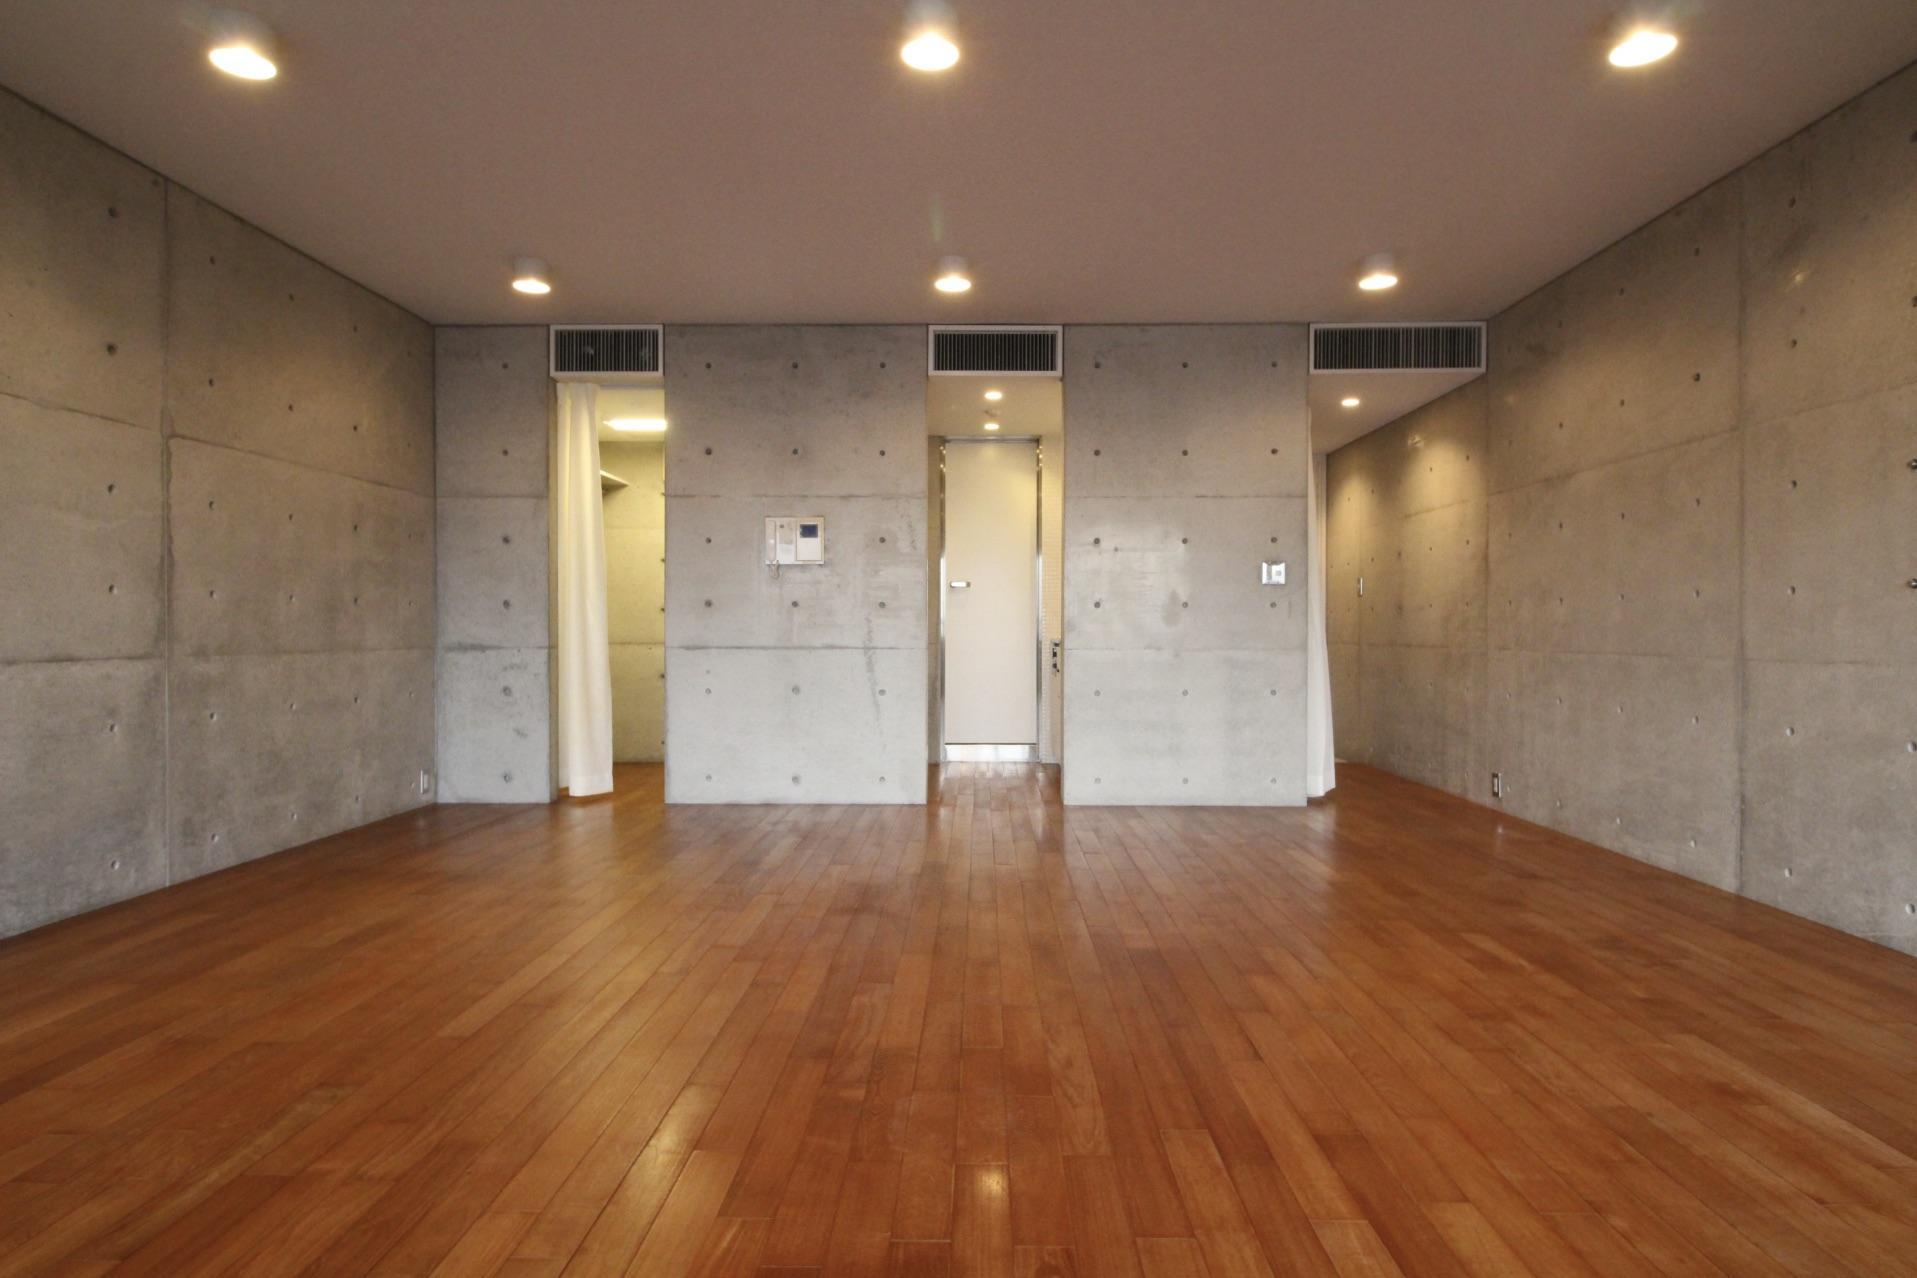 洋室から水回りが見えず、空調までデザインされた生活感を感じさせない設計